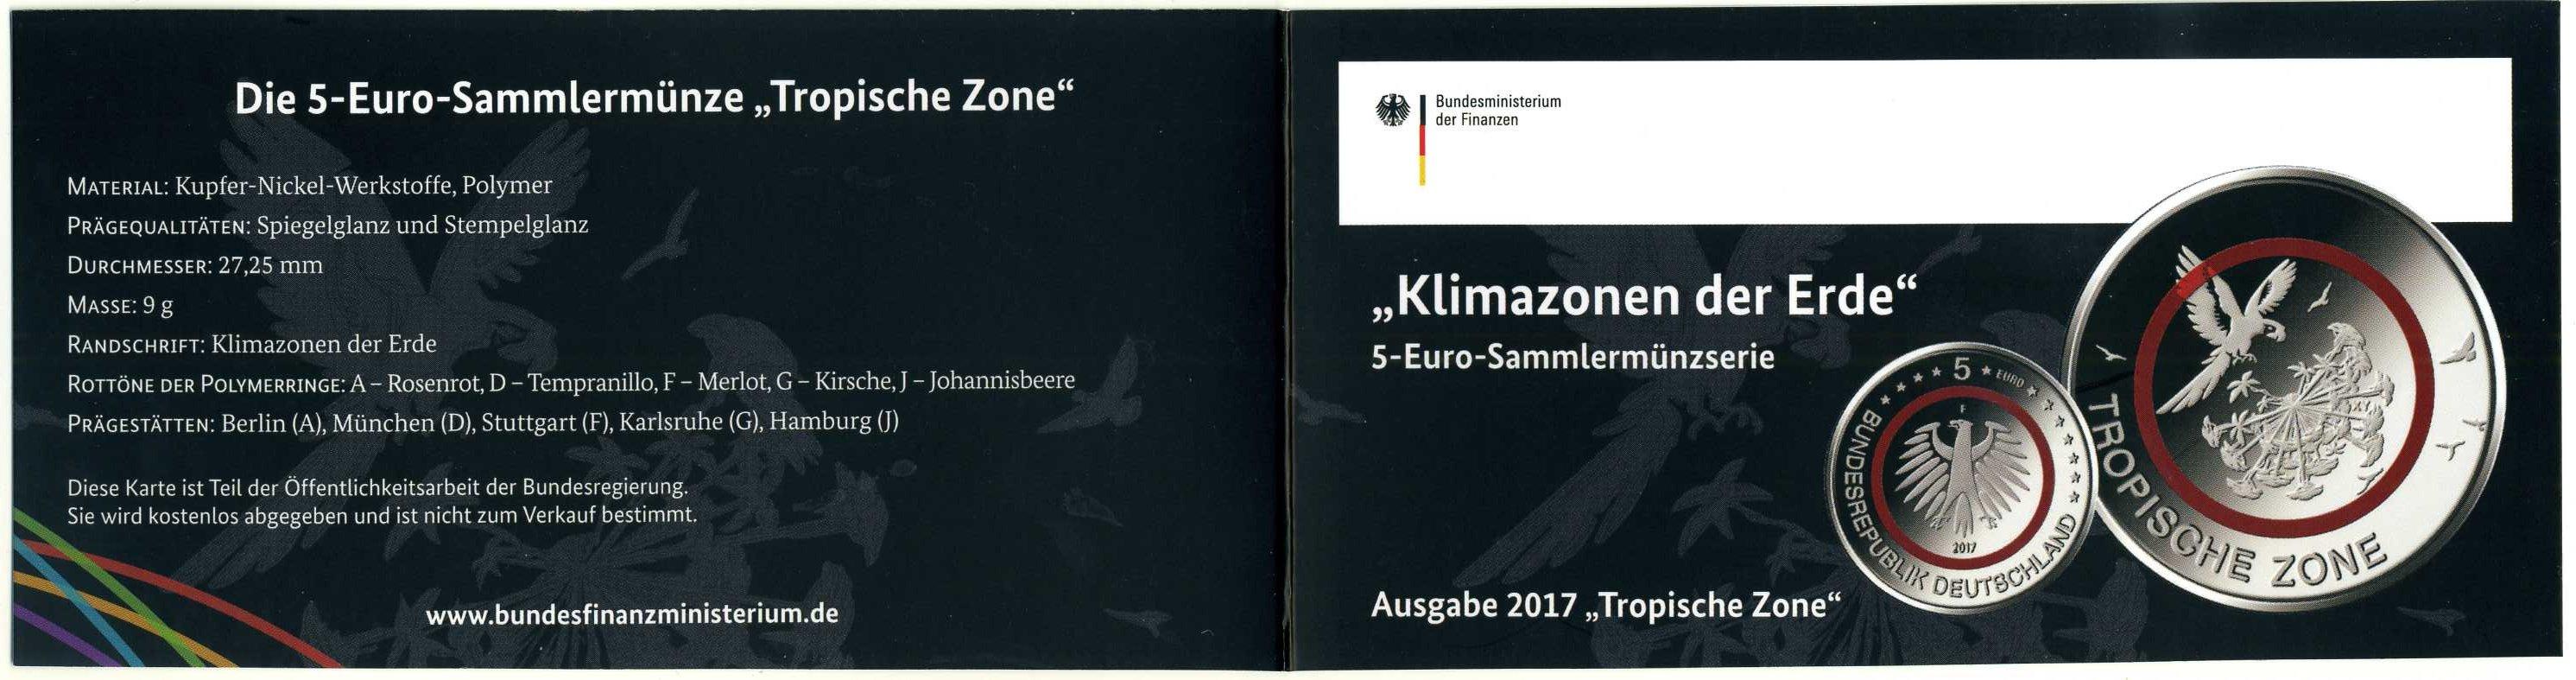 2017 DE 5 € Tropische Zone Flyer 1.jpg